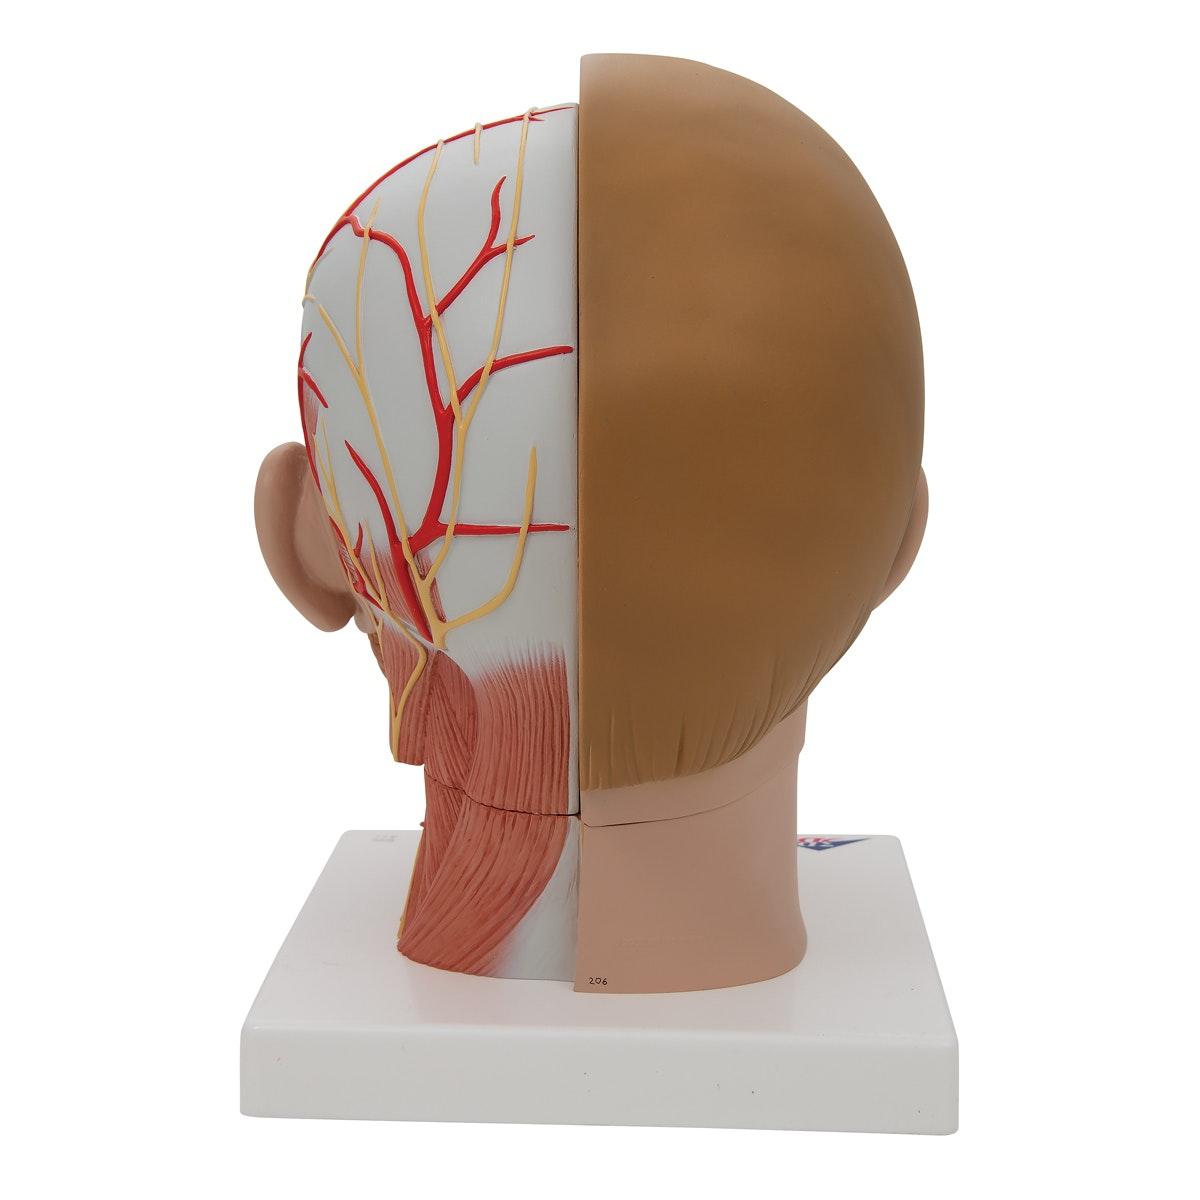 Hovedmodel med bloglagte muskler, kar og nerver